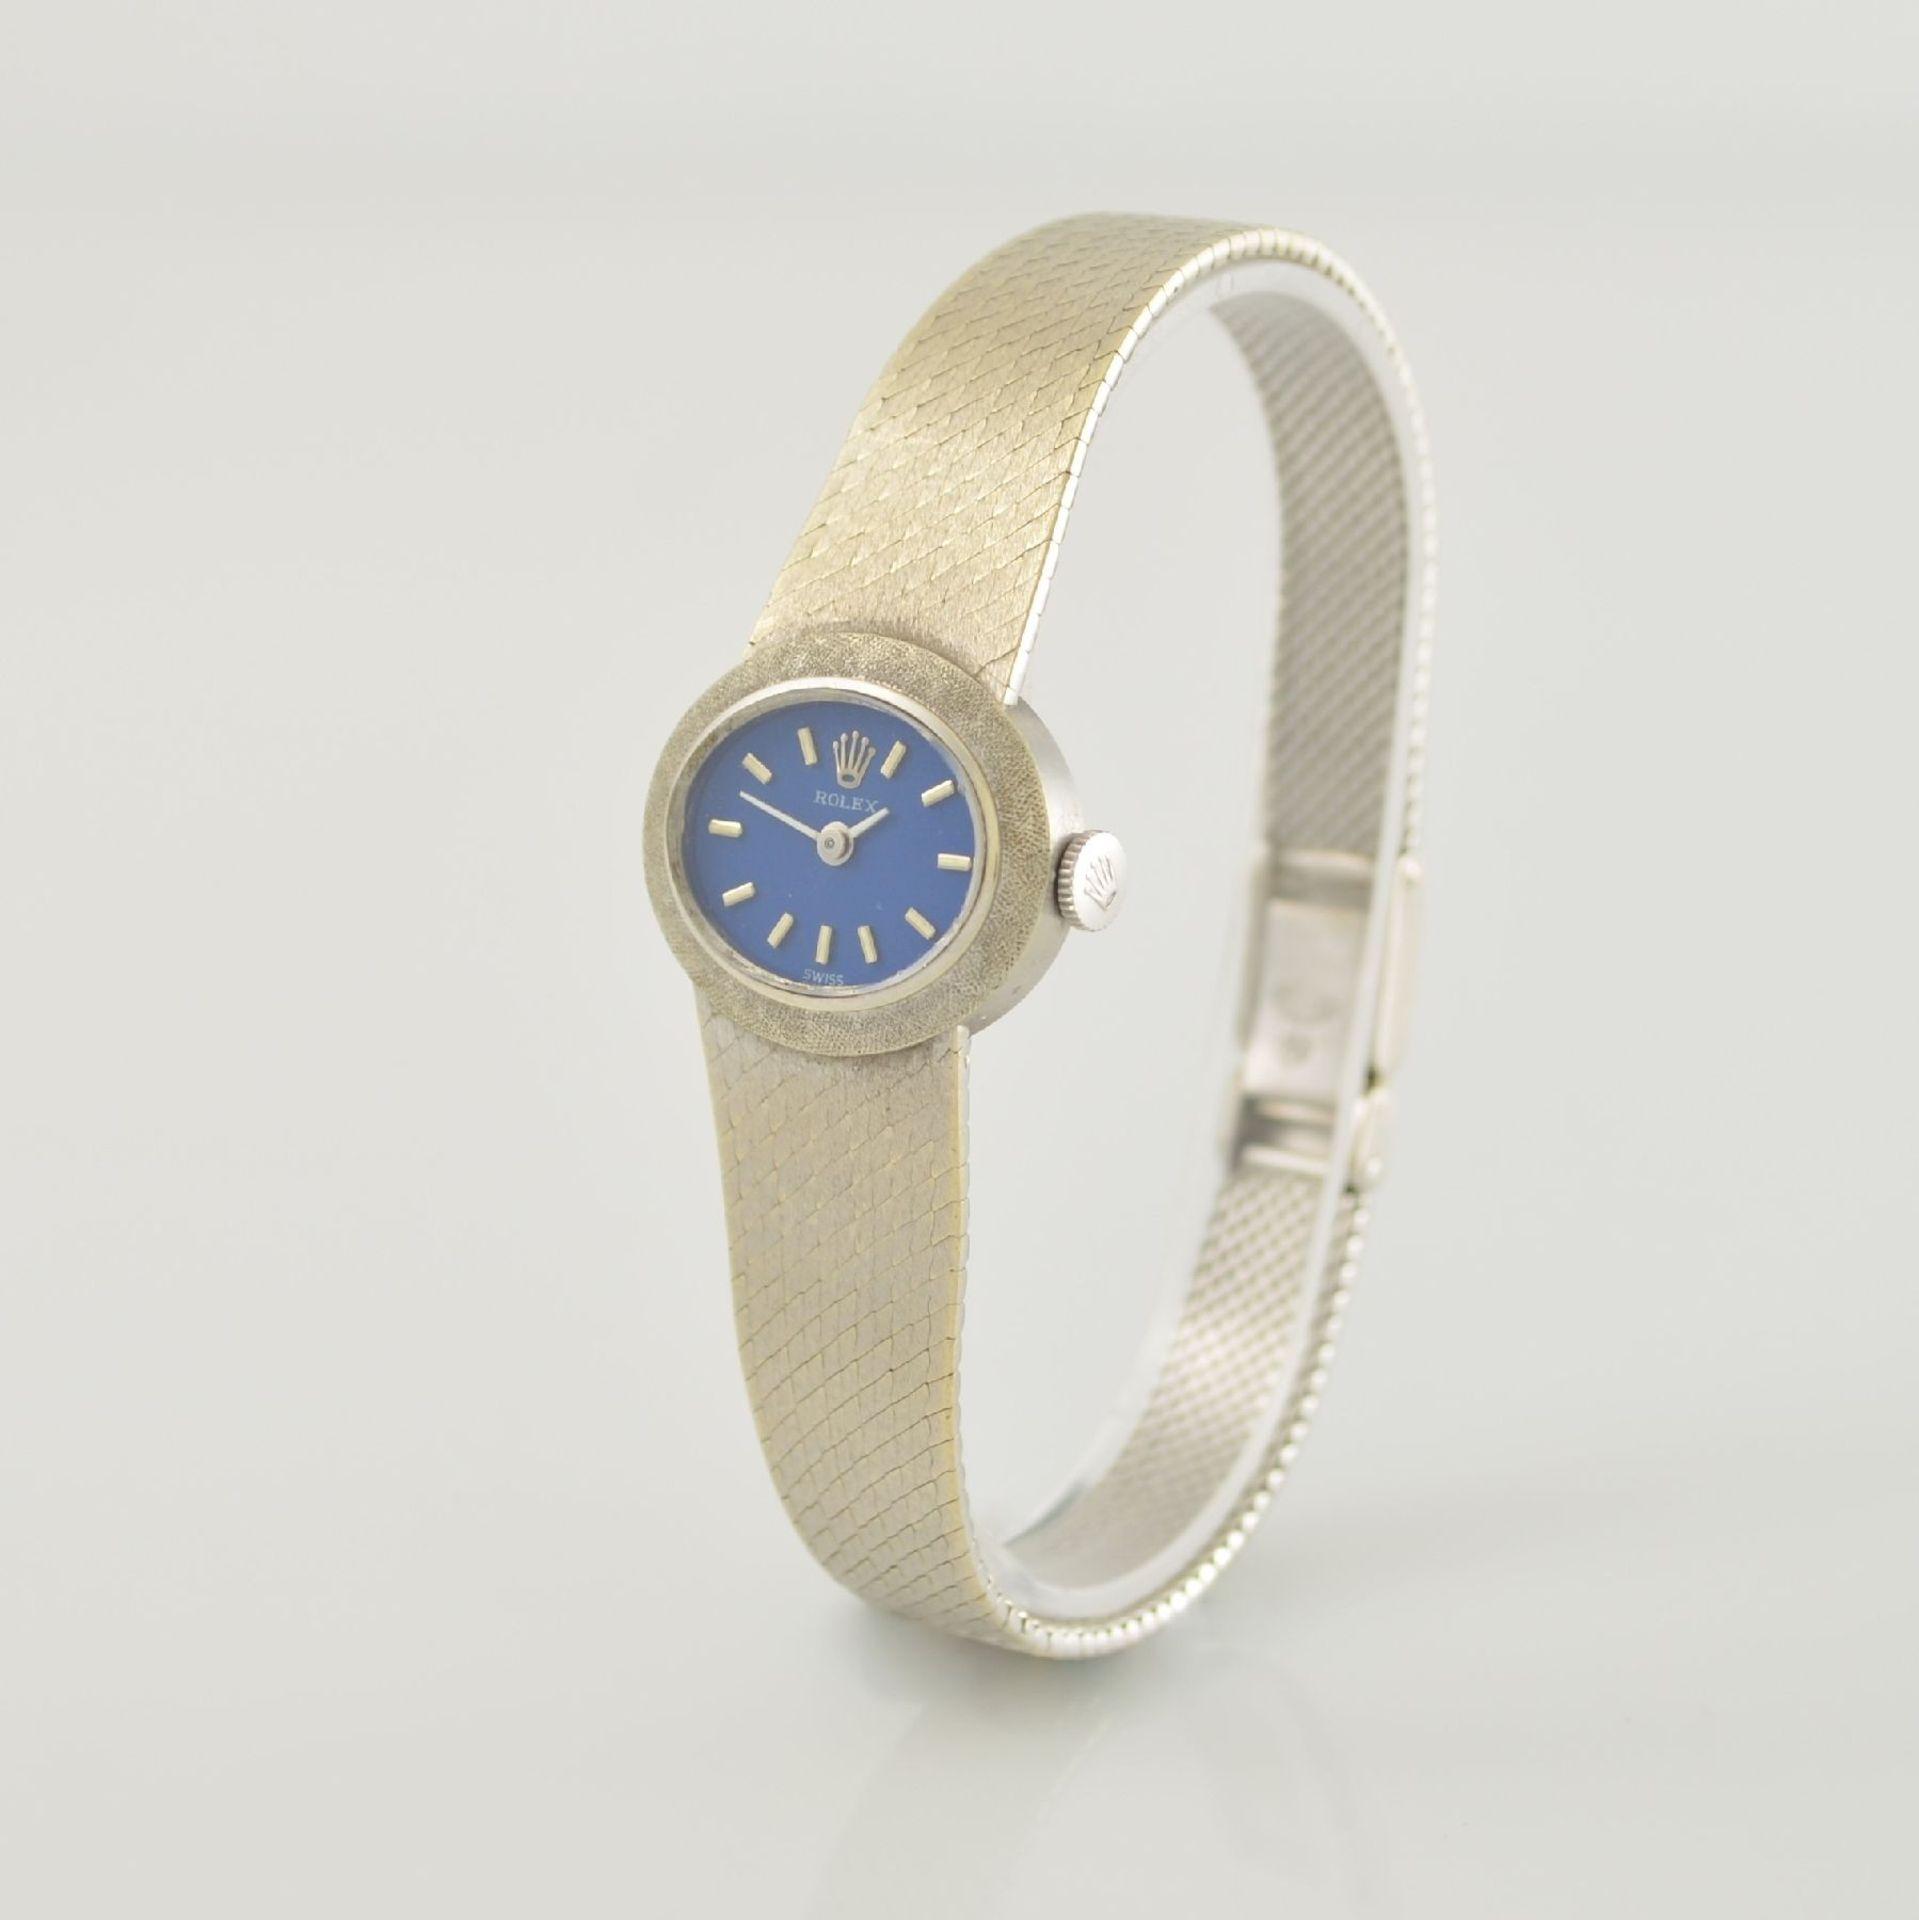 ROLEX Damenarmbanduhr in WG 750/000, Schweiz 1960er Jahre, Handaufzug, Boden aufgedr., - Bild 3 aus 6